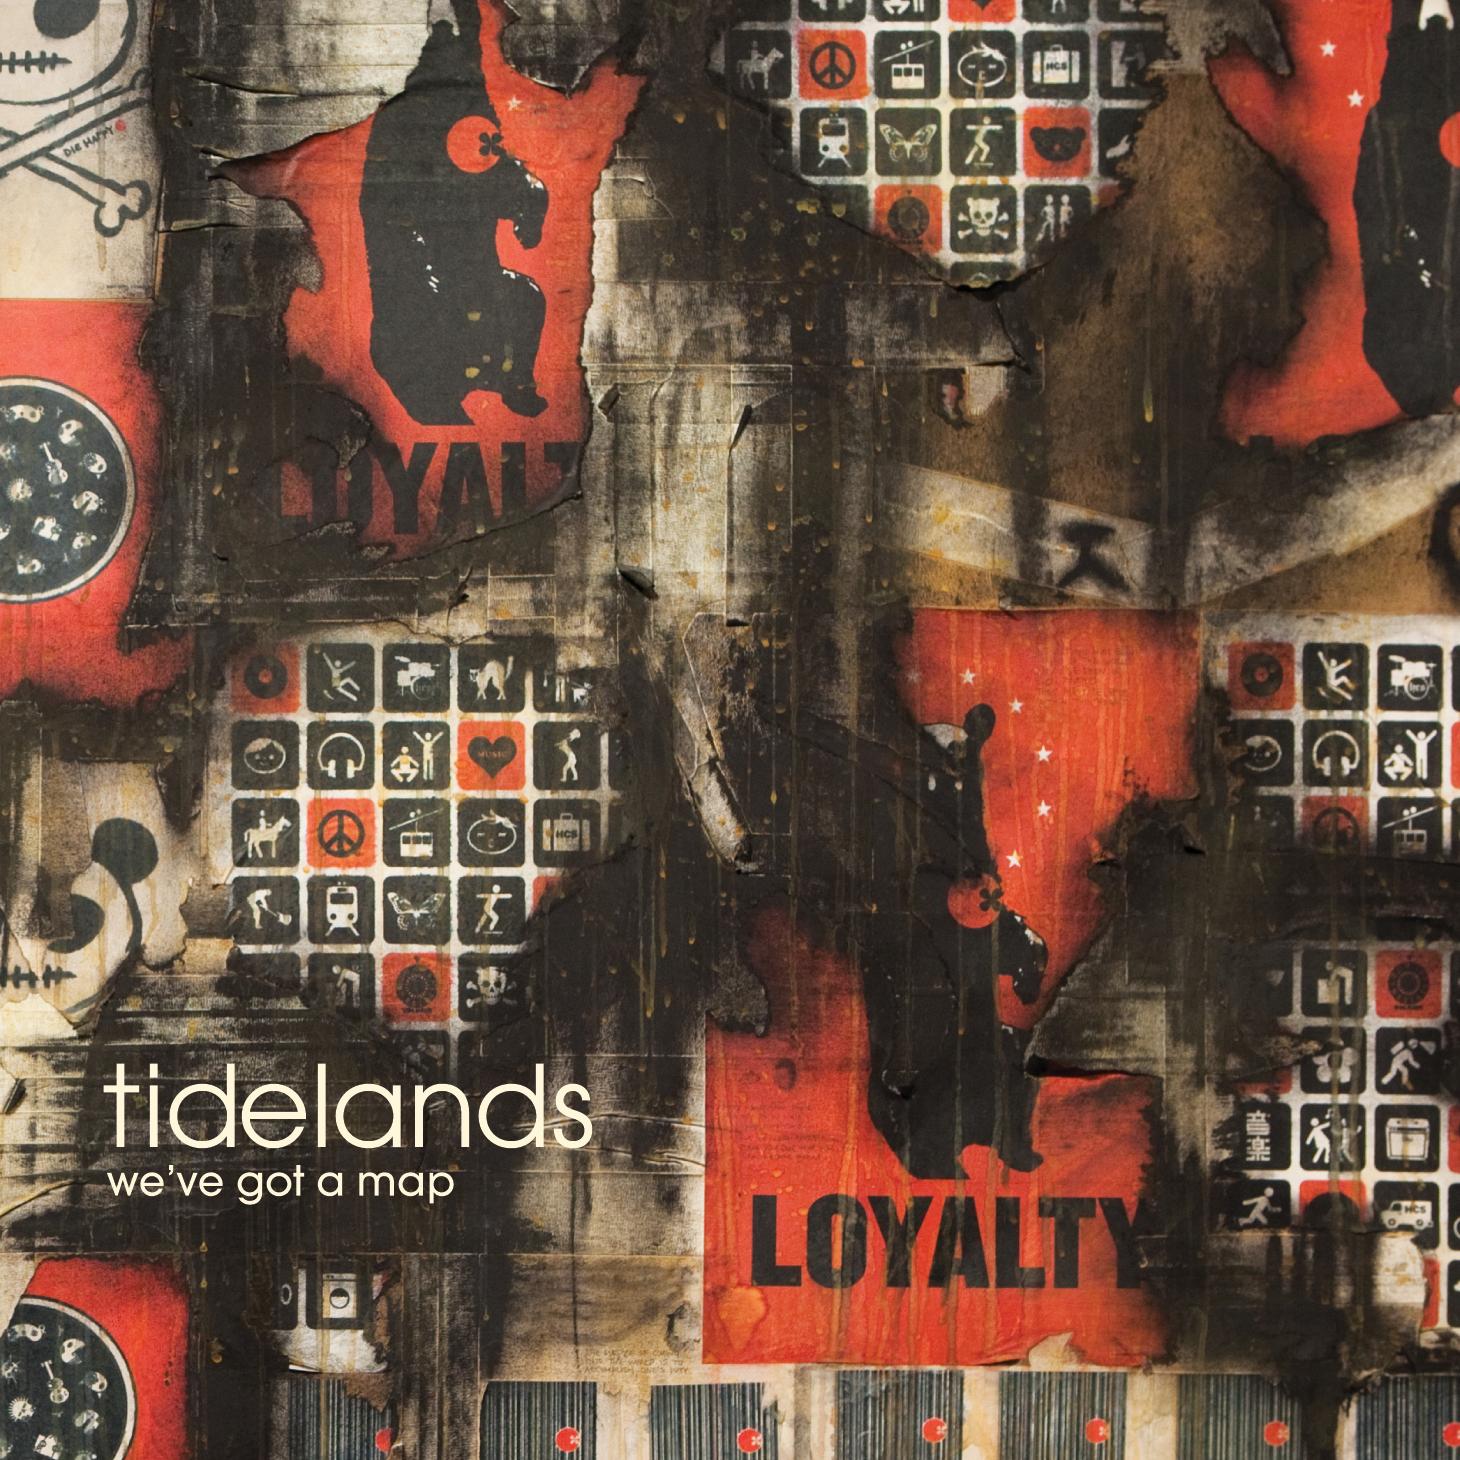 Tidelands - We've Got A Map